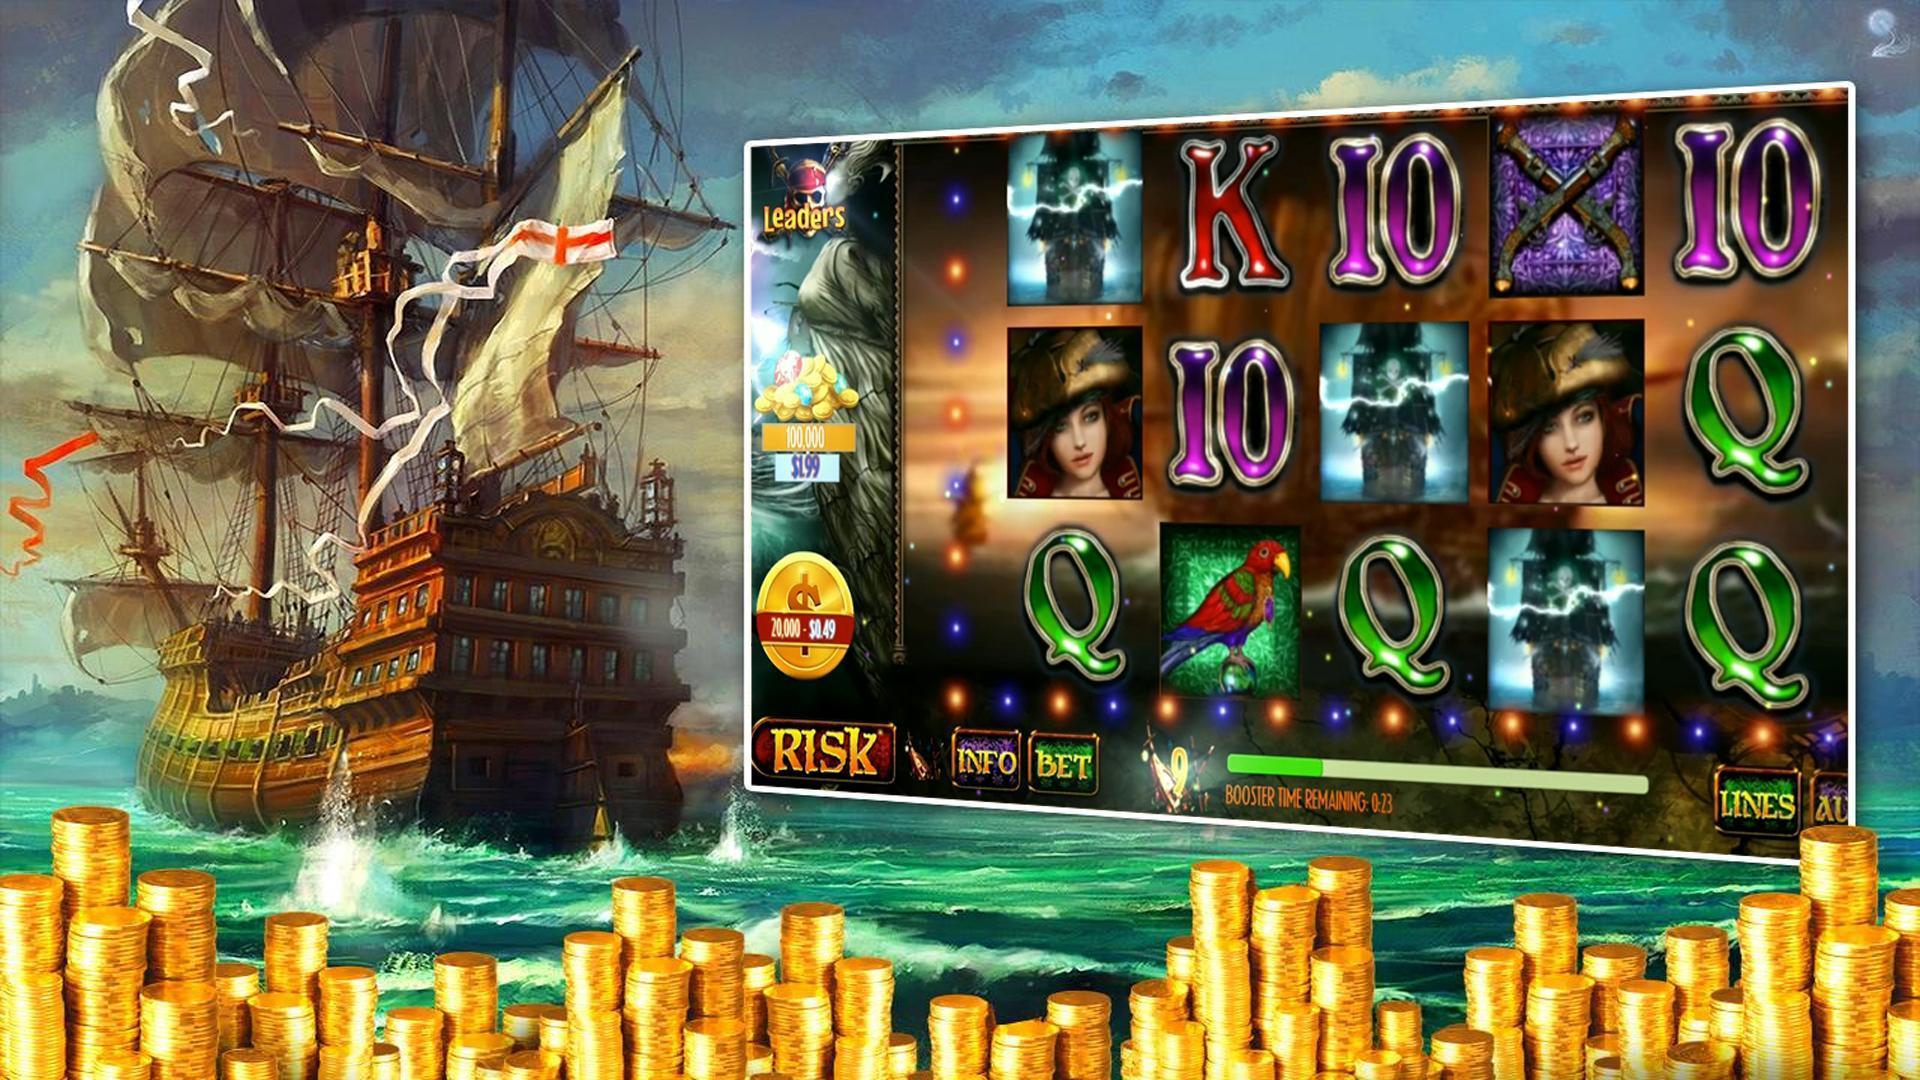 Казино онлайн слот бесплатно фотосессия к казино рояль